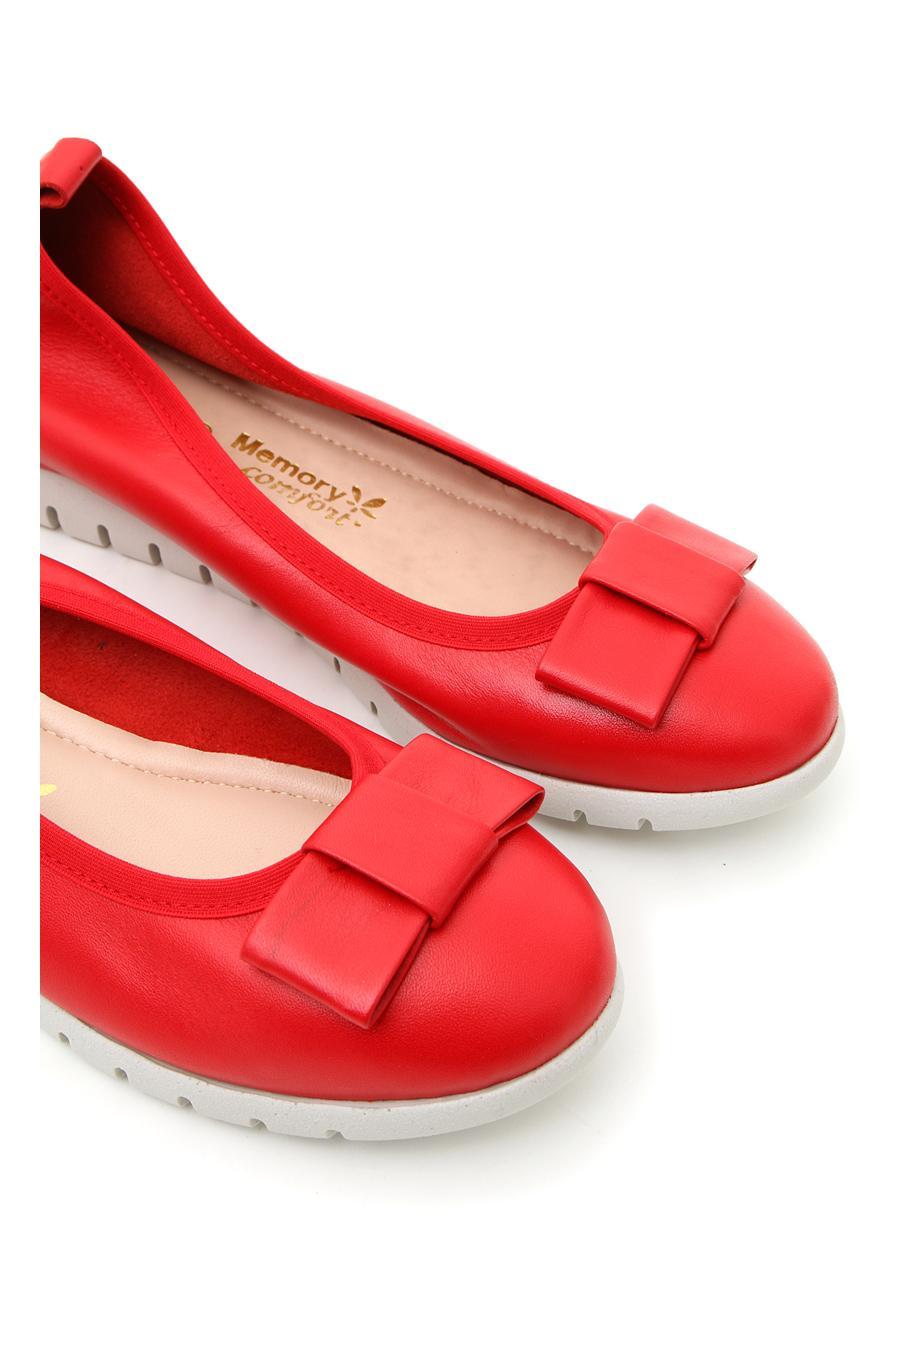 BALLERINE MIO TEMPO 106712 donna rosso | Pittarello